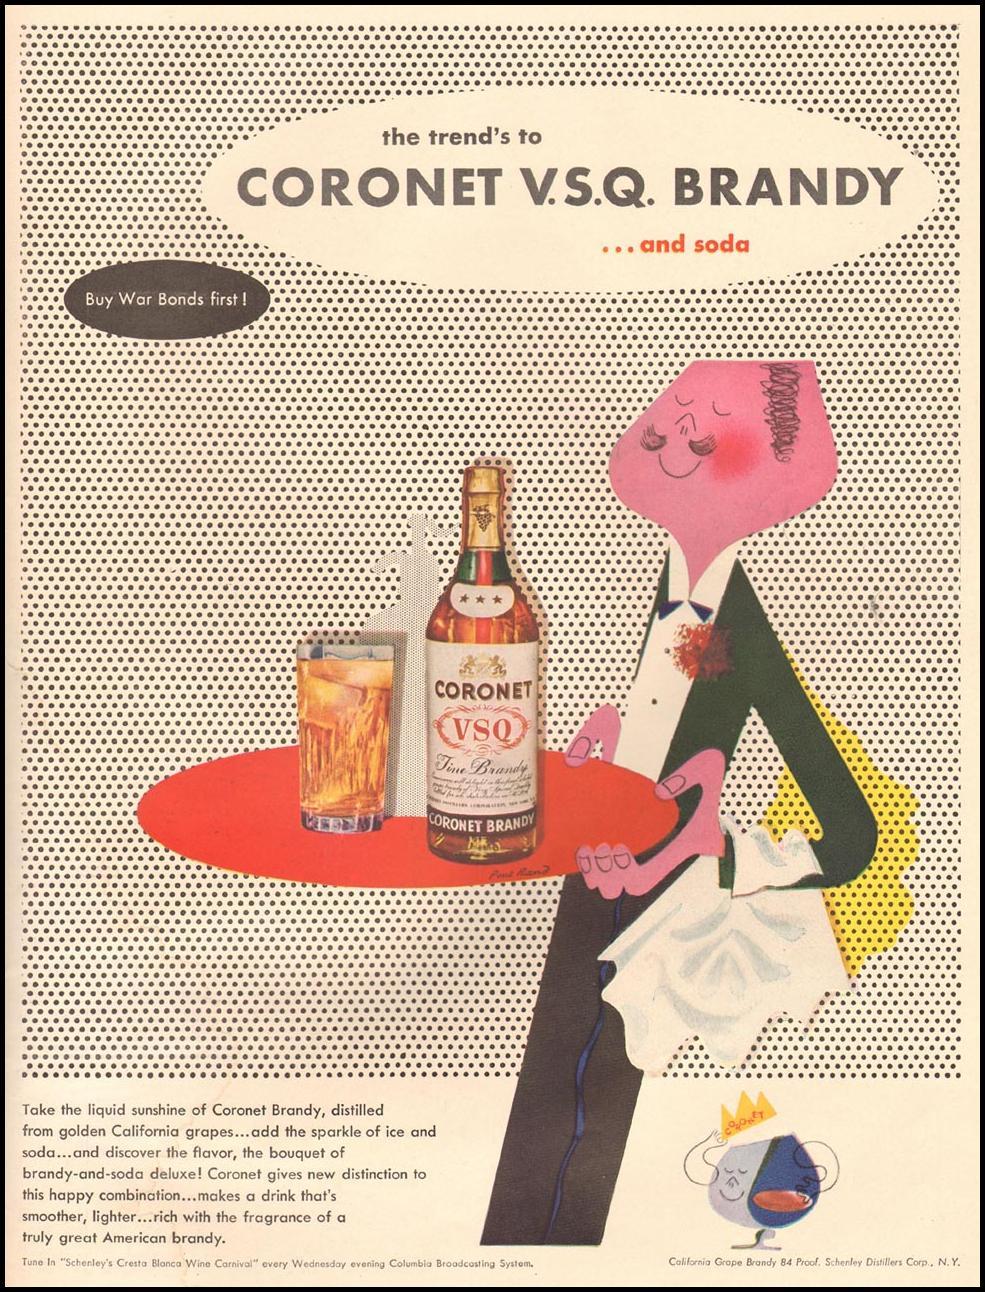 CORONET V. S. Q. BRANDY LIFE 10/11/1943 INSIDE BACK